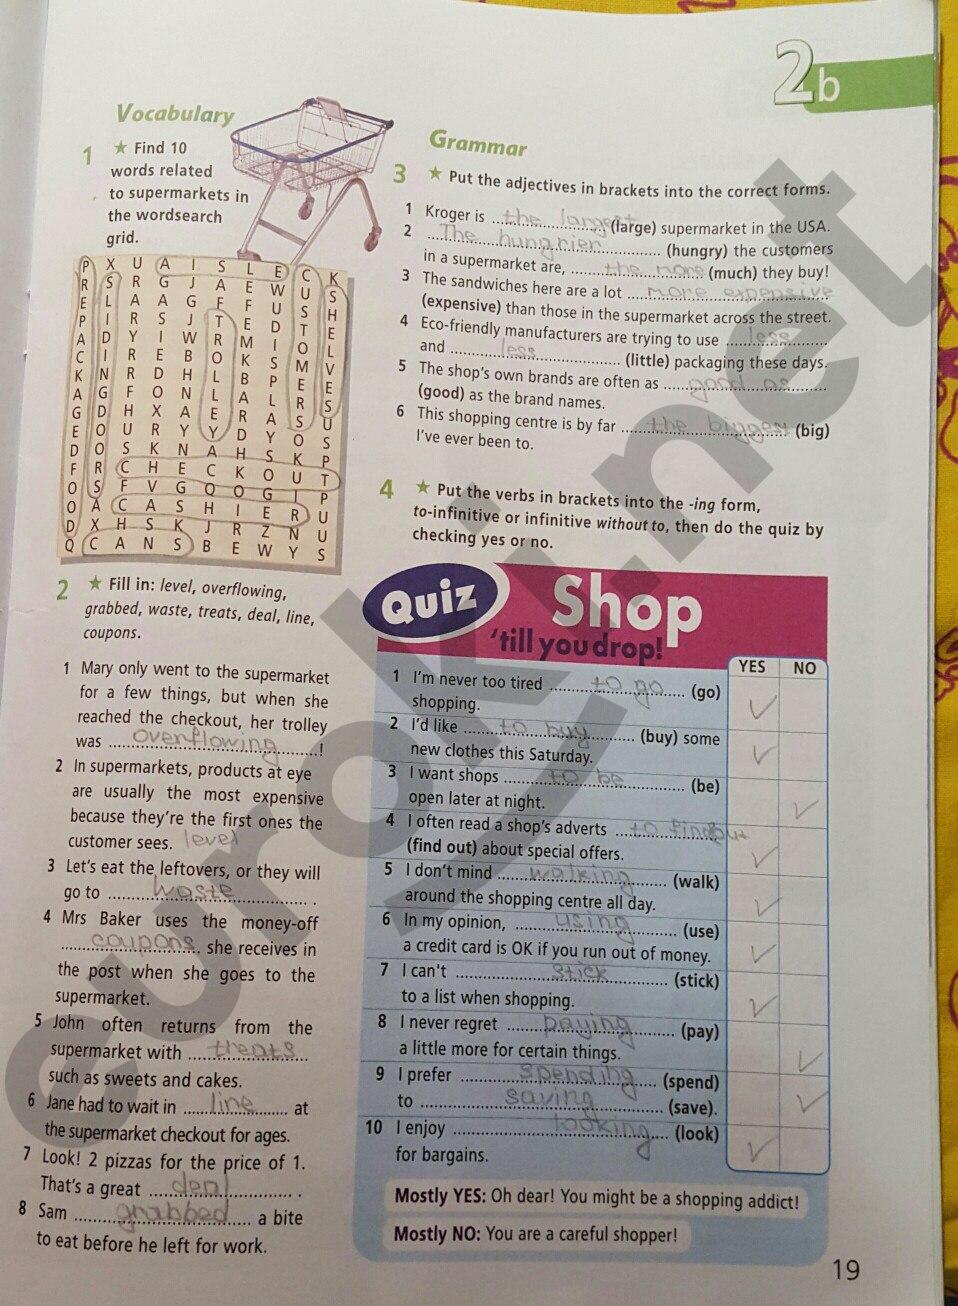 ГДЗ по английскому языку 8 класс рабочая тетрадь Баранова. Задание: стр. 19